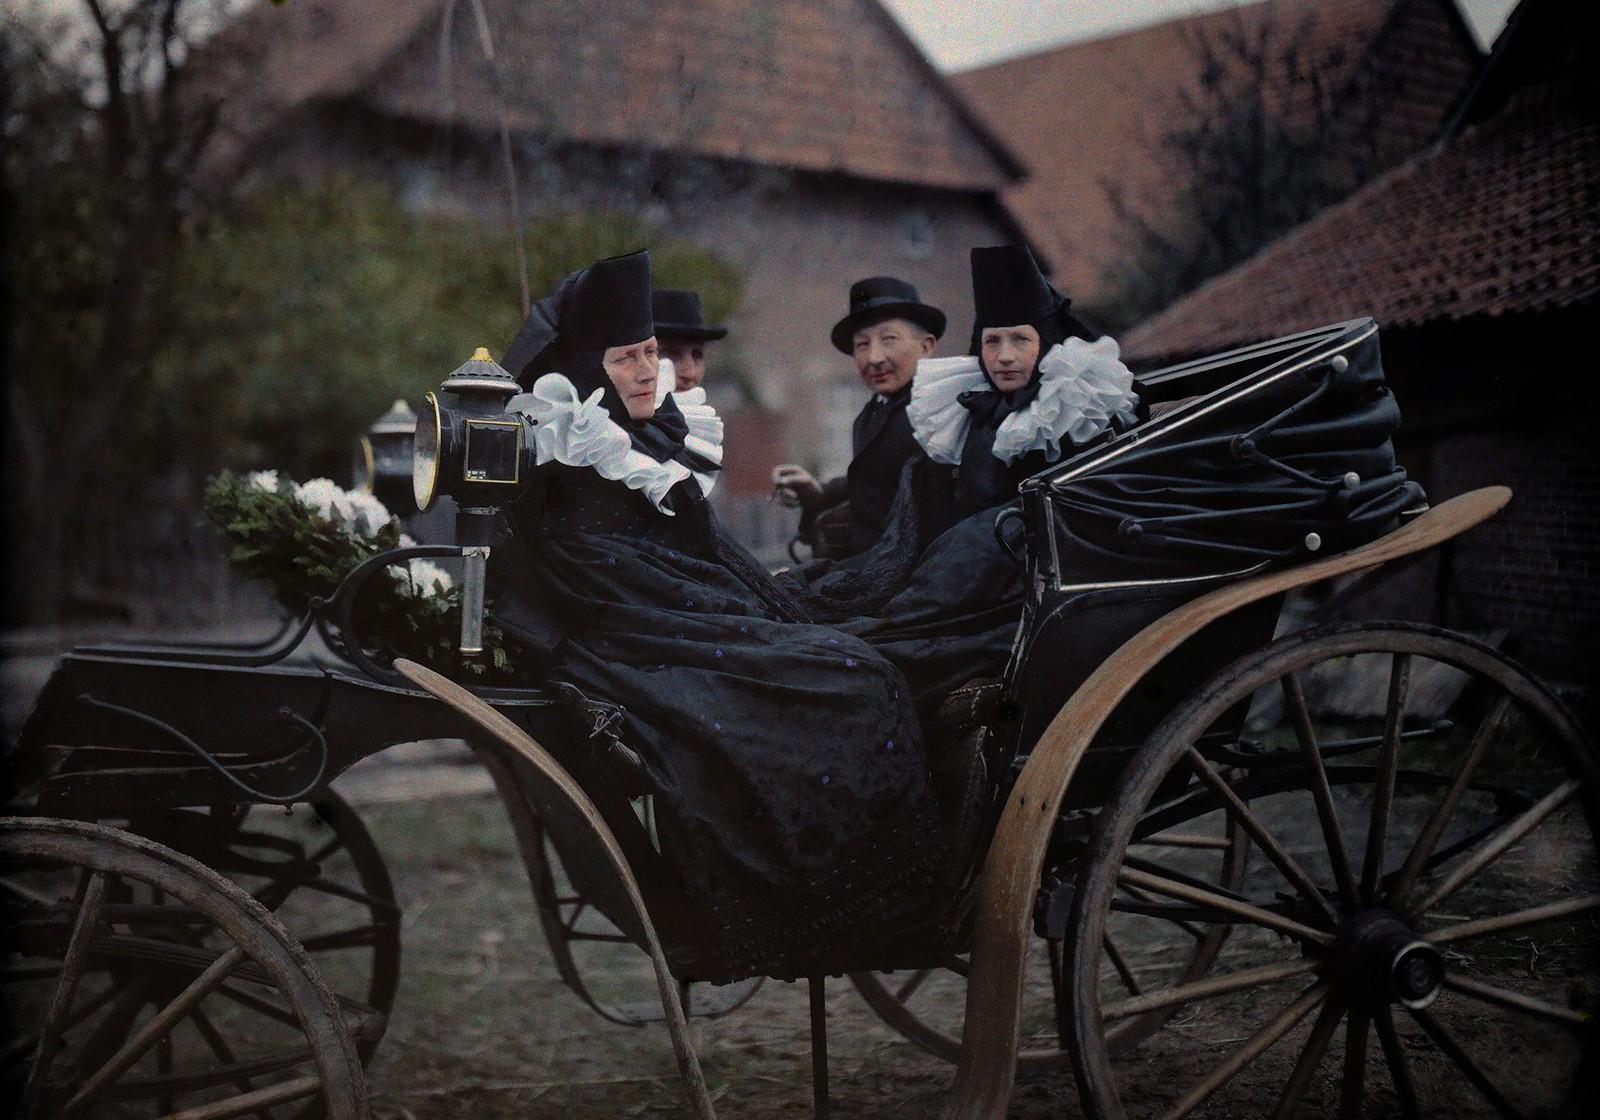 Скорбящие в традиционной траурной одежде садятся в коляску по дороге на похороны.